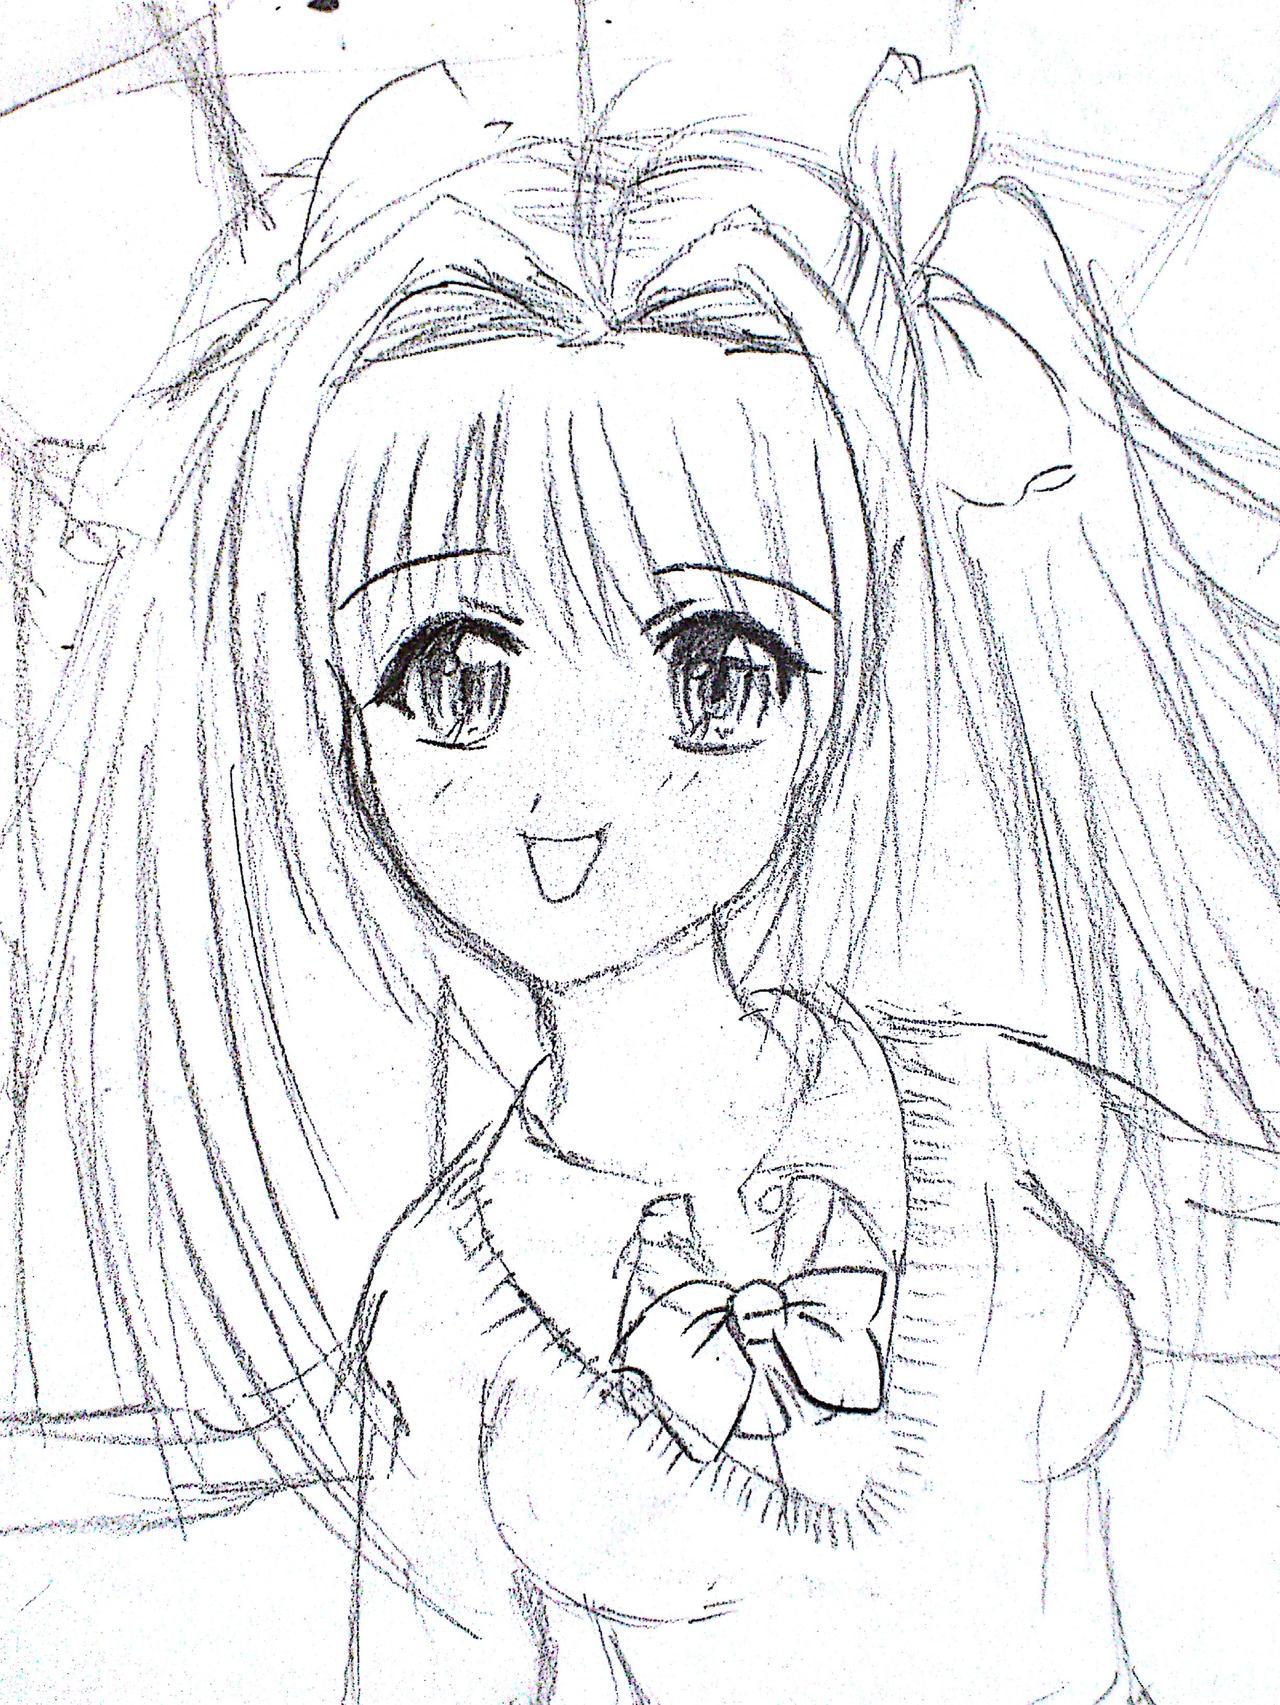 Anime Drawings - Anime Drawings By Irihime 3Chan Mu